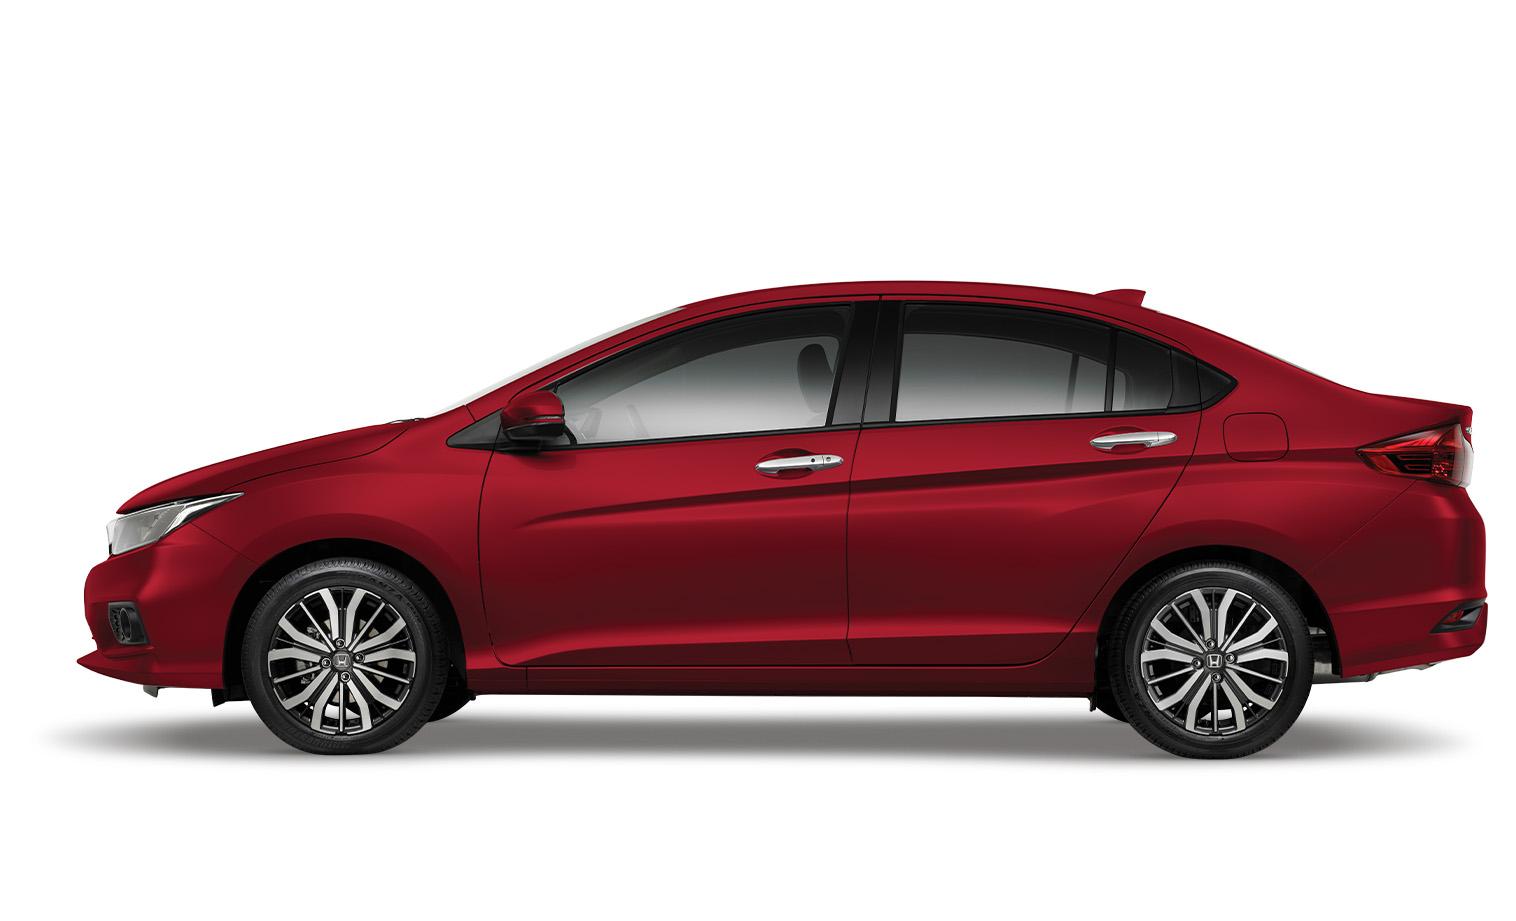 El Honda City EX CVT 2020 resena opiniones tiene rines de aleación